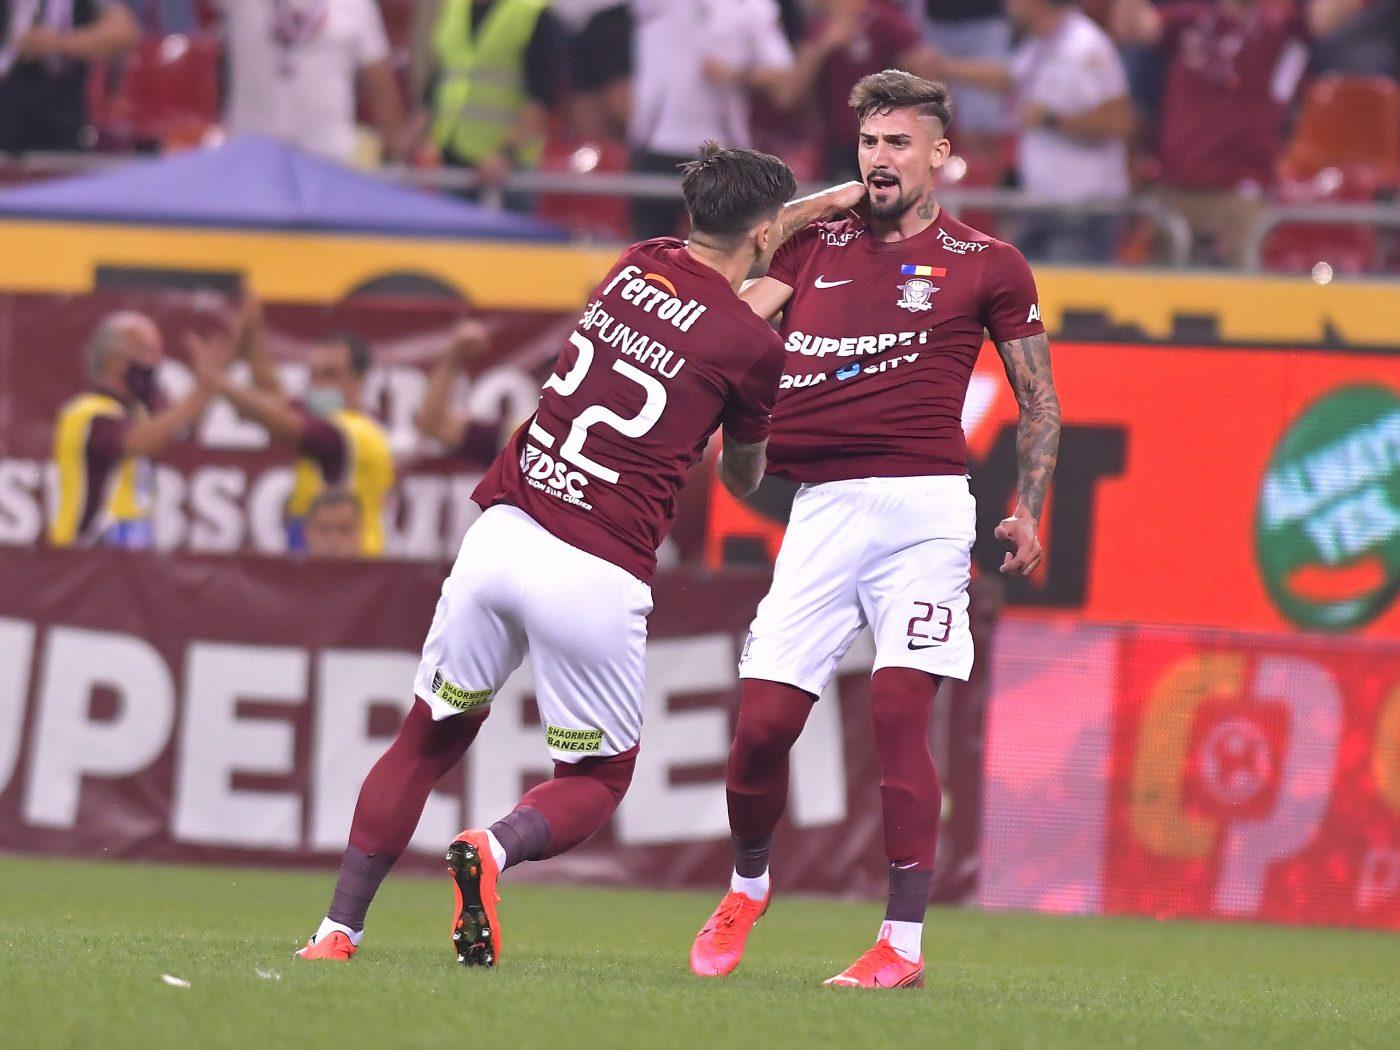 Alexandru Albu, patru goluri în ultimele trei meciuri pentru Rapid! Ar putea fi o soluție pentru echipa națională?